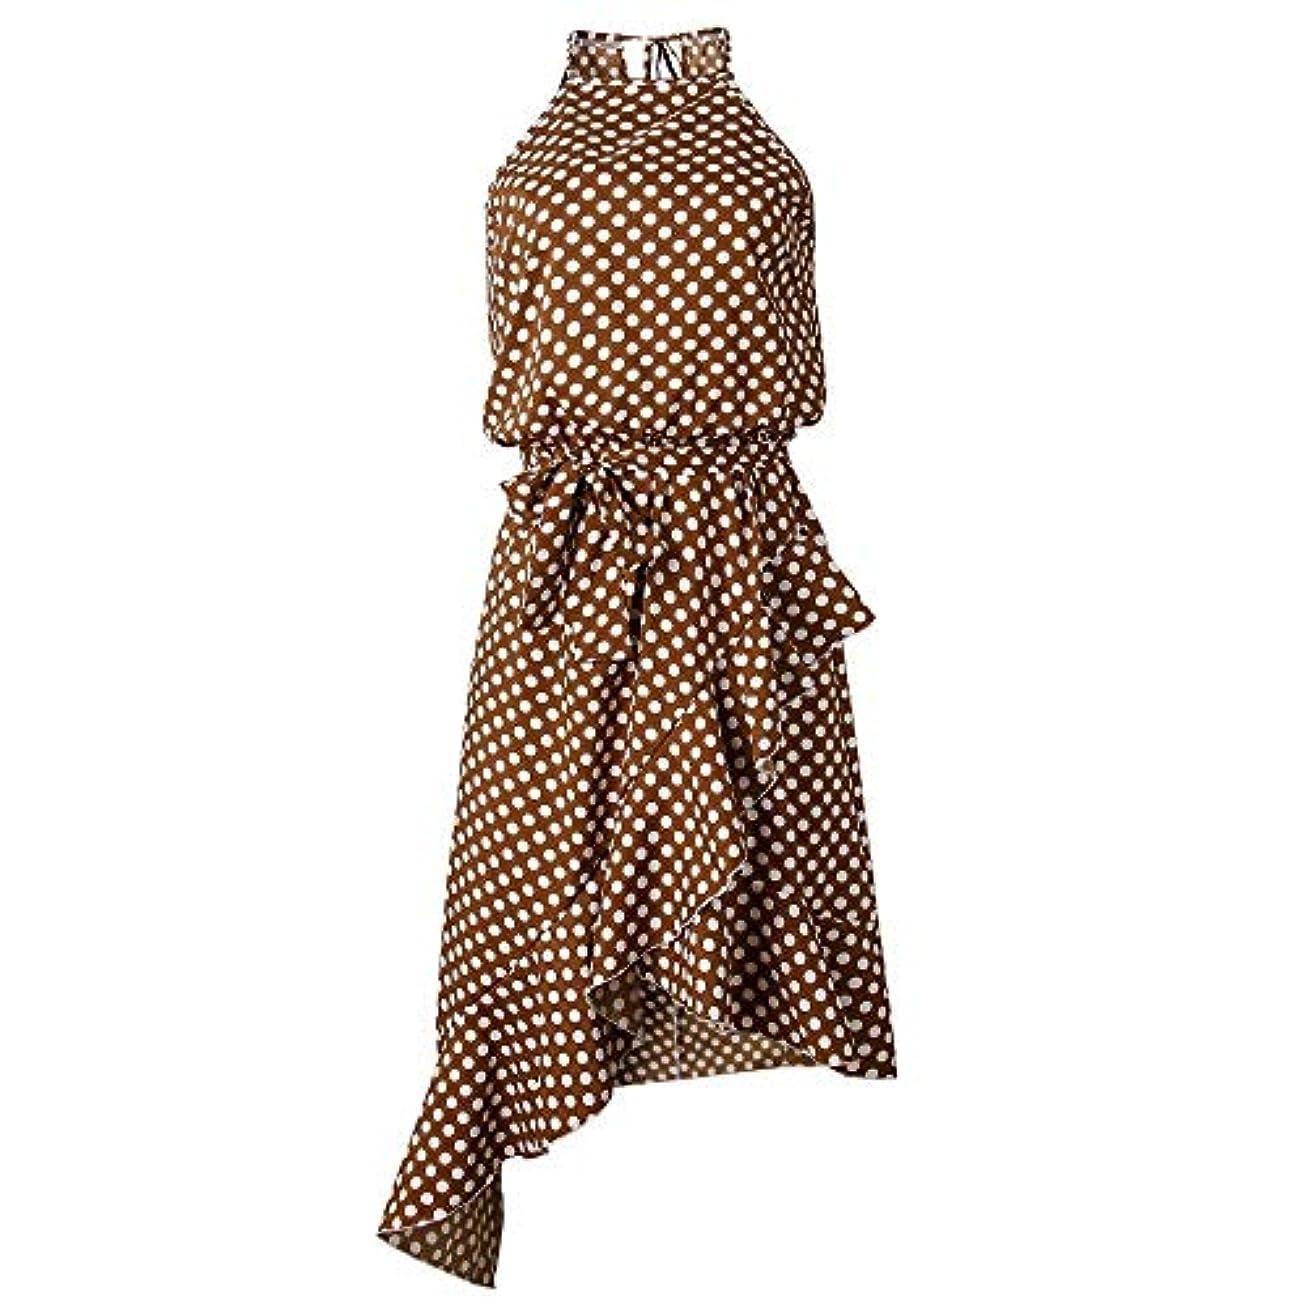 買う交換感情Maxcrestas - 夏のドレスの女性の新しいファッションホルターポルカドットプリントカジュアルドレスレディースフリルエレガントなドレス